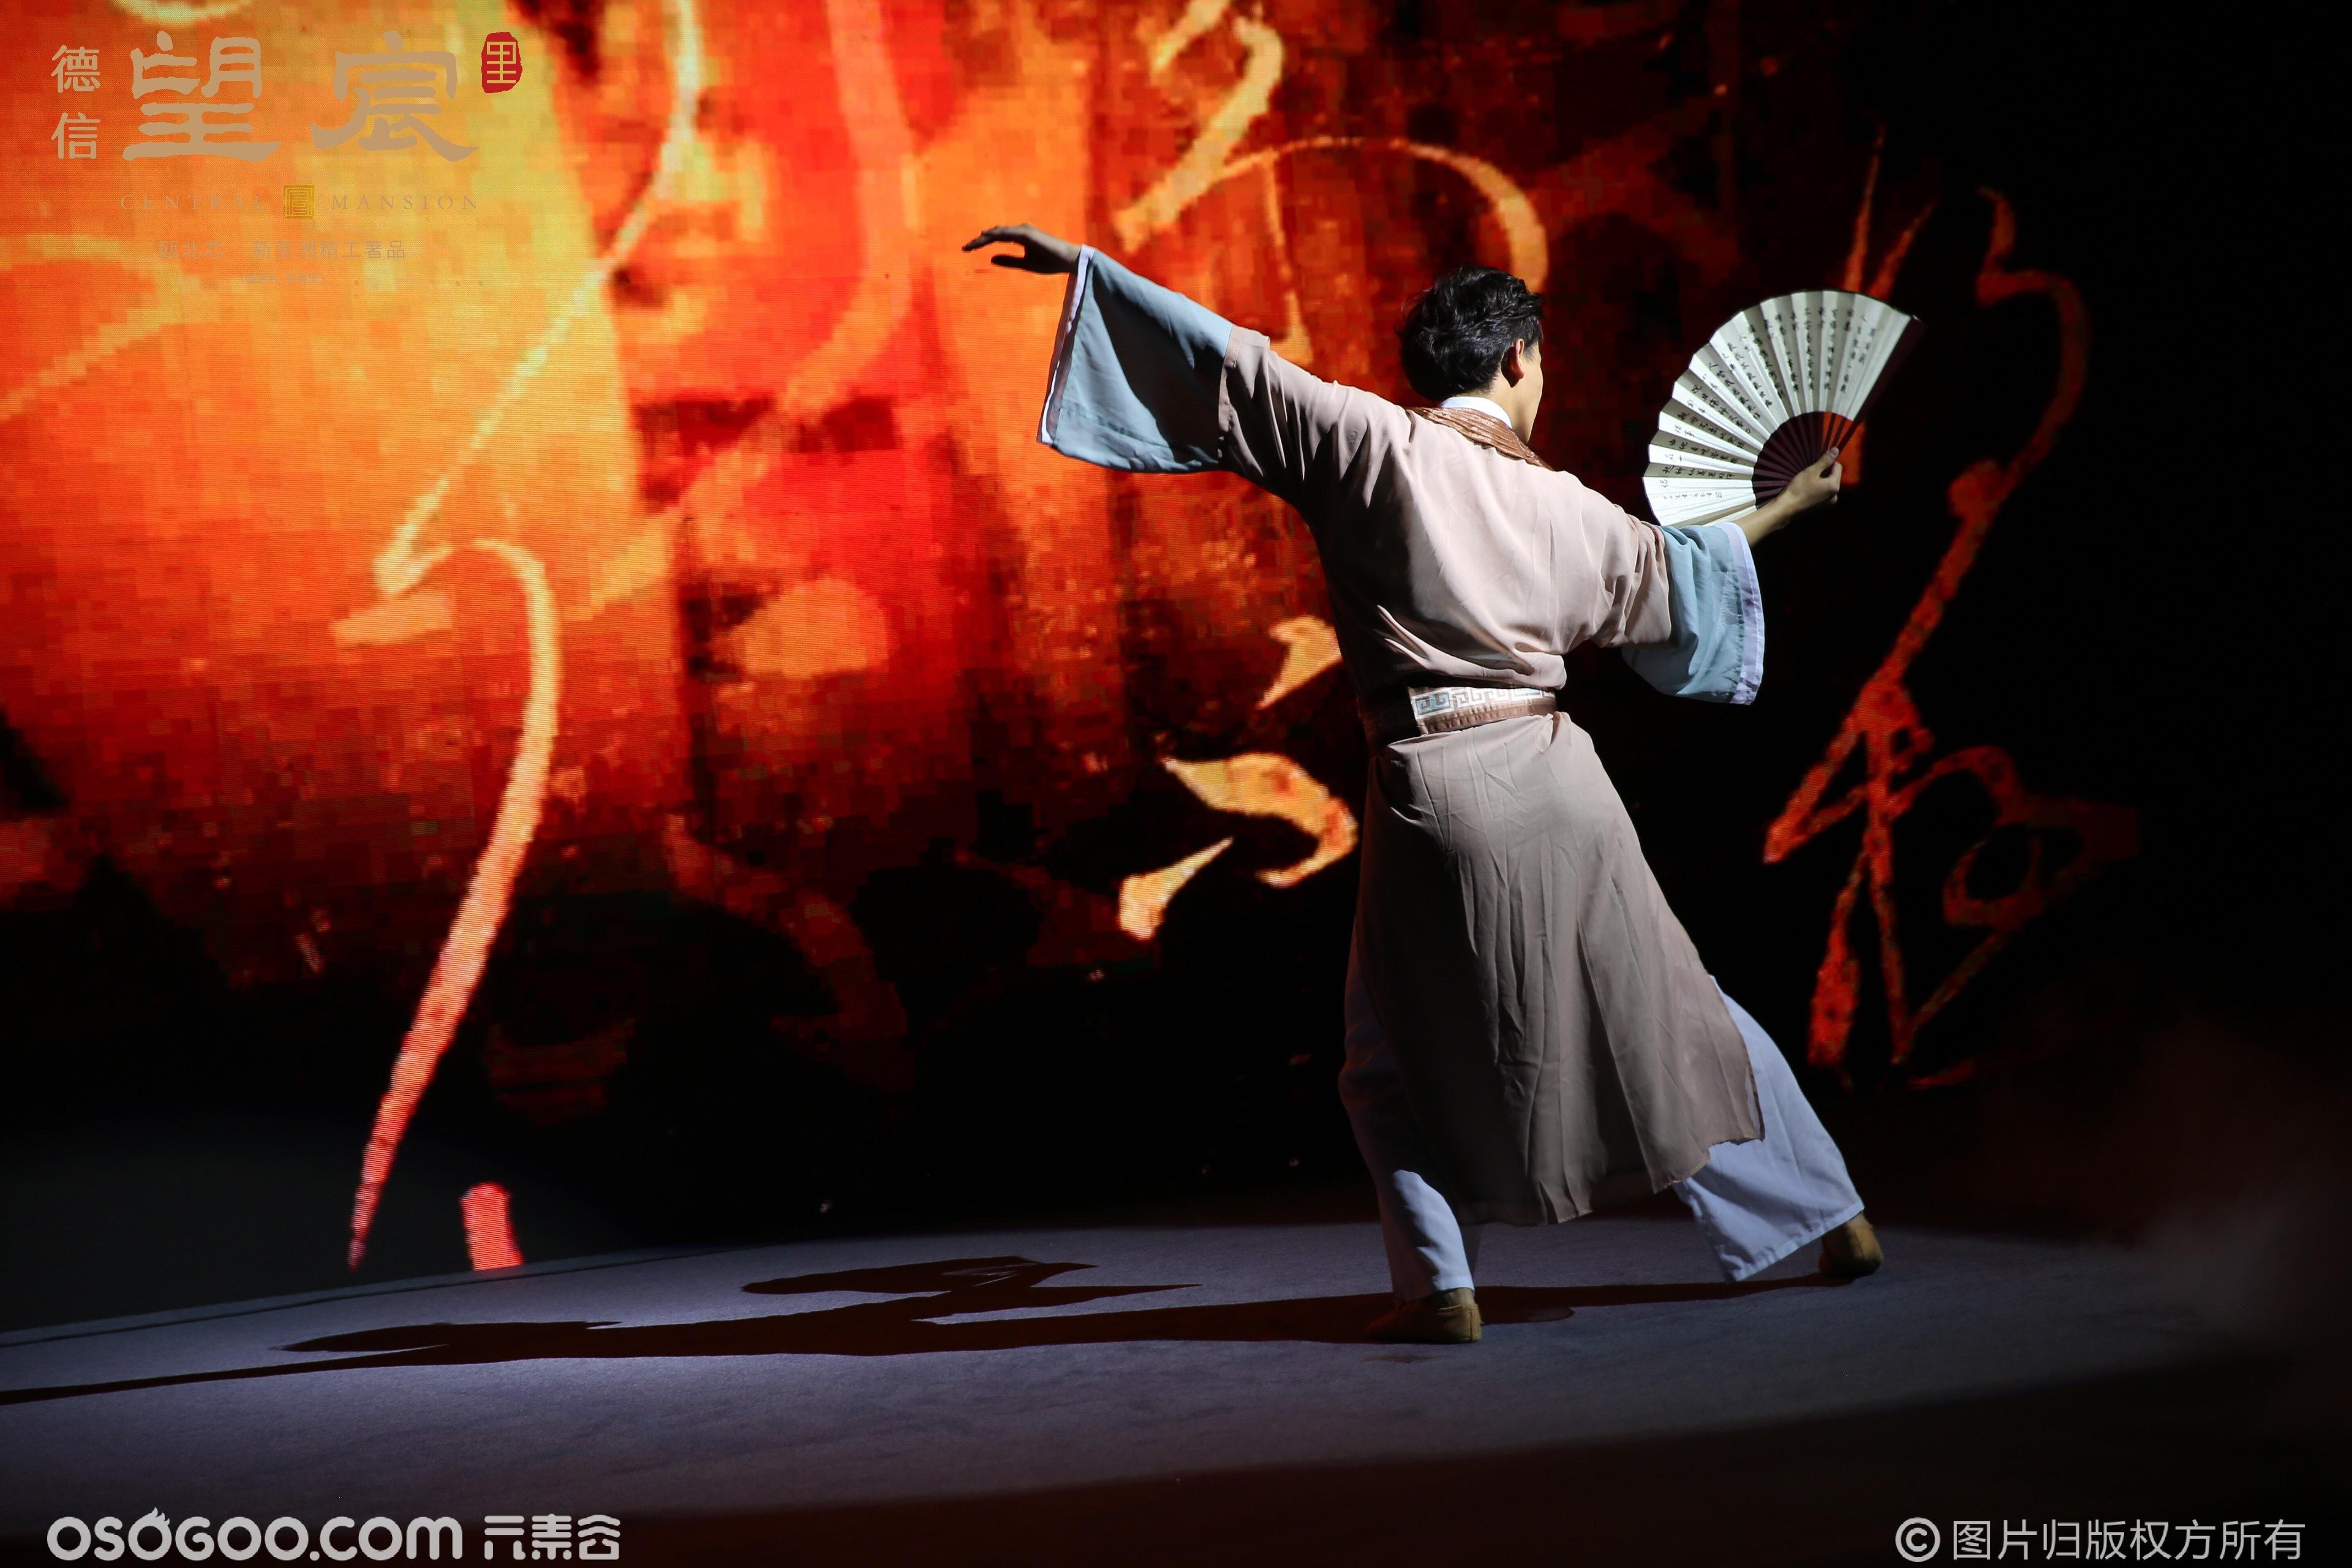 亚上文化-亚上演绎&唐印&古风节目&舞蹈编排&节目定制&创意